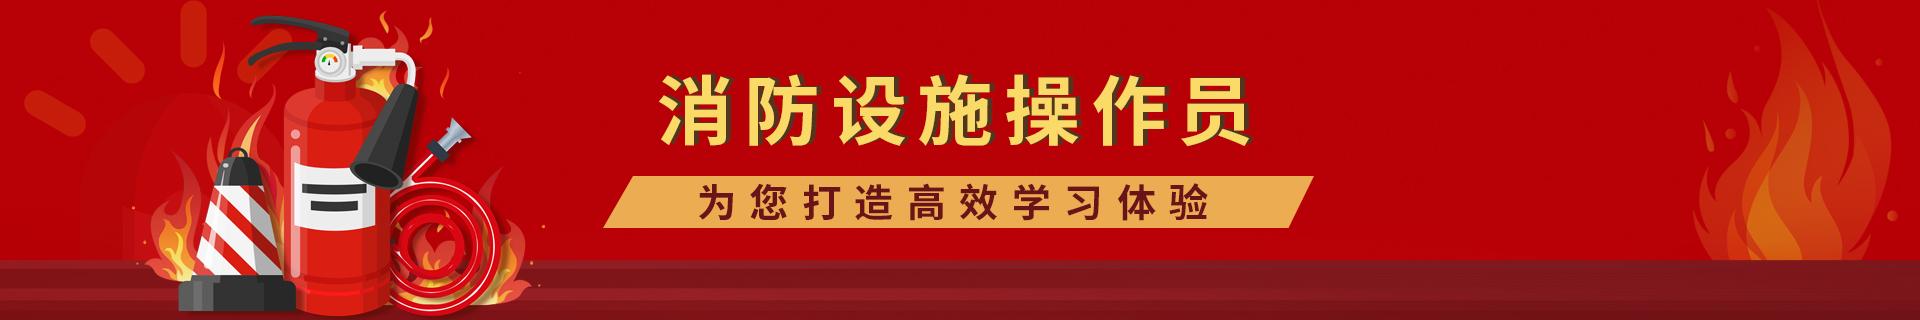 河南郑州优路教育培训学校